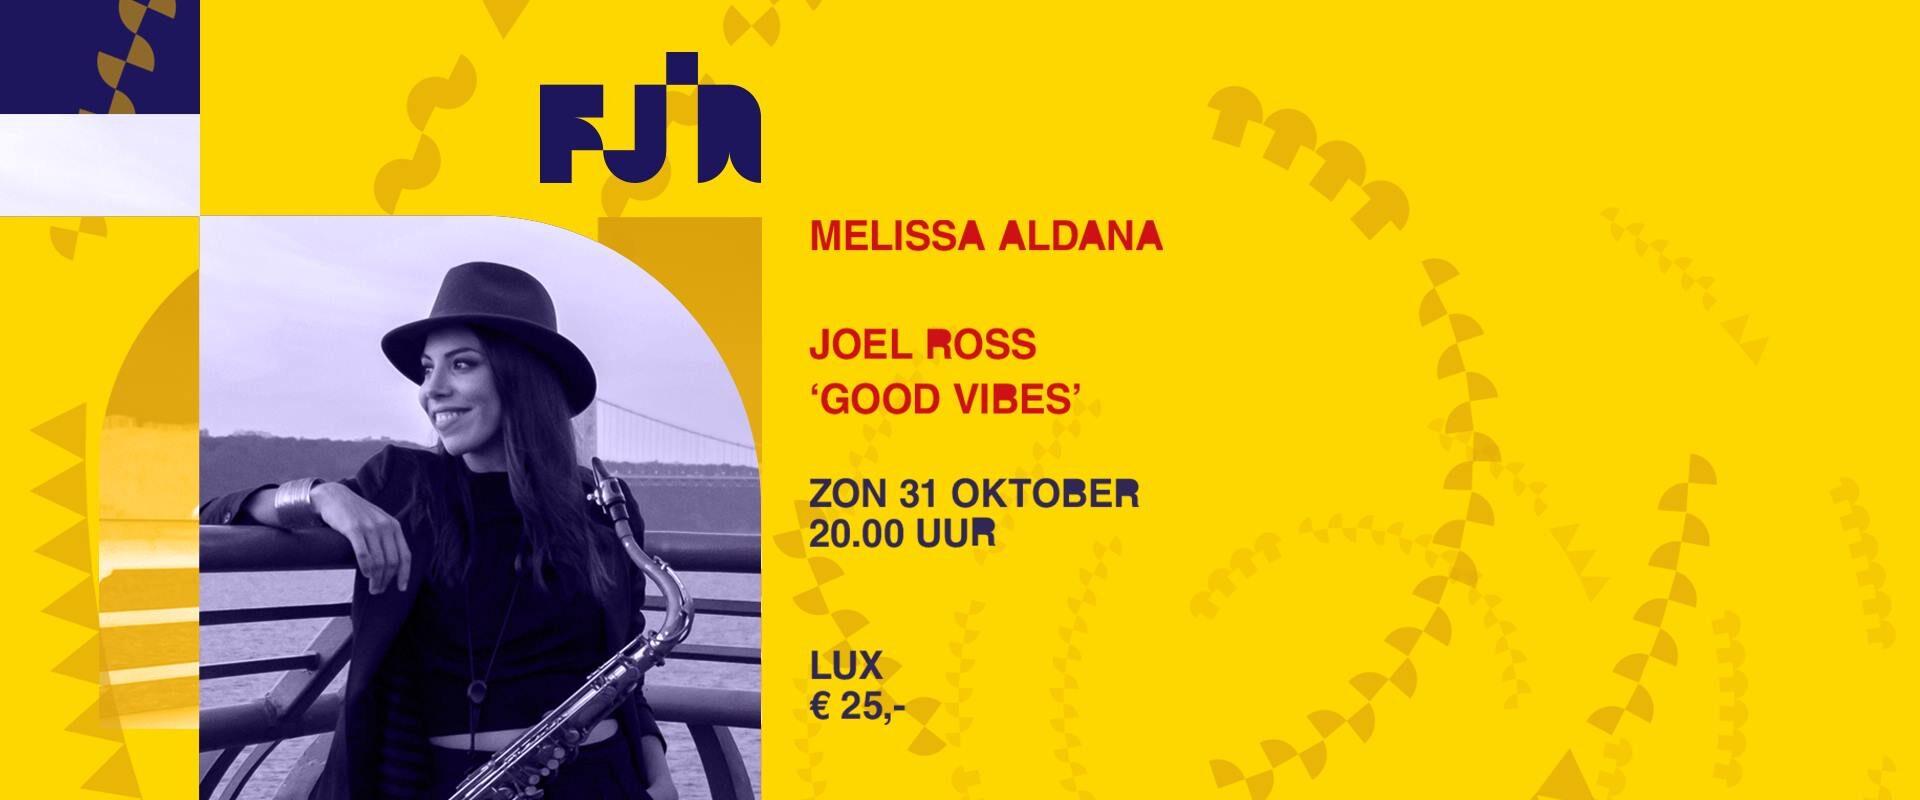 FJIN 2021 • Melissa Aldana • Joel Ross 'Good Vibes' 2